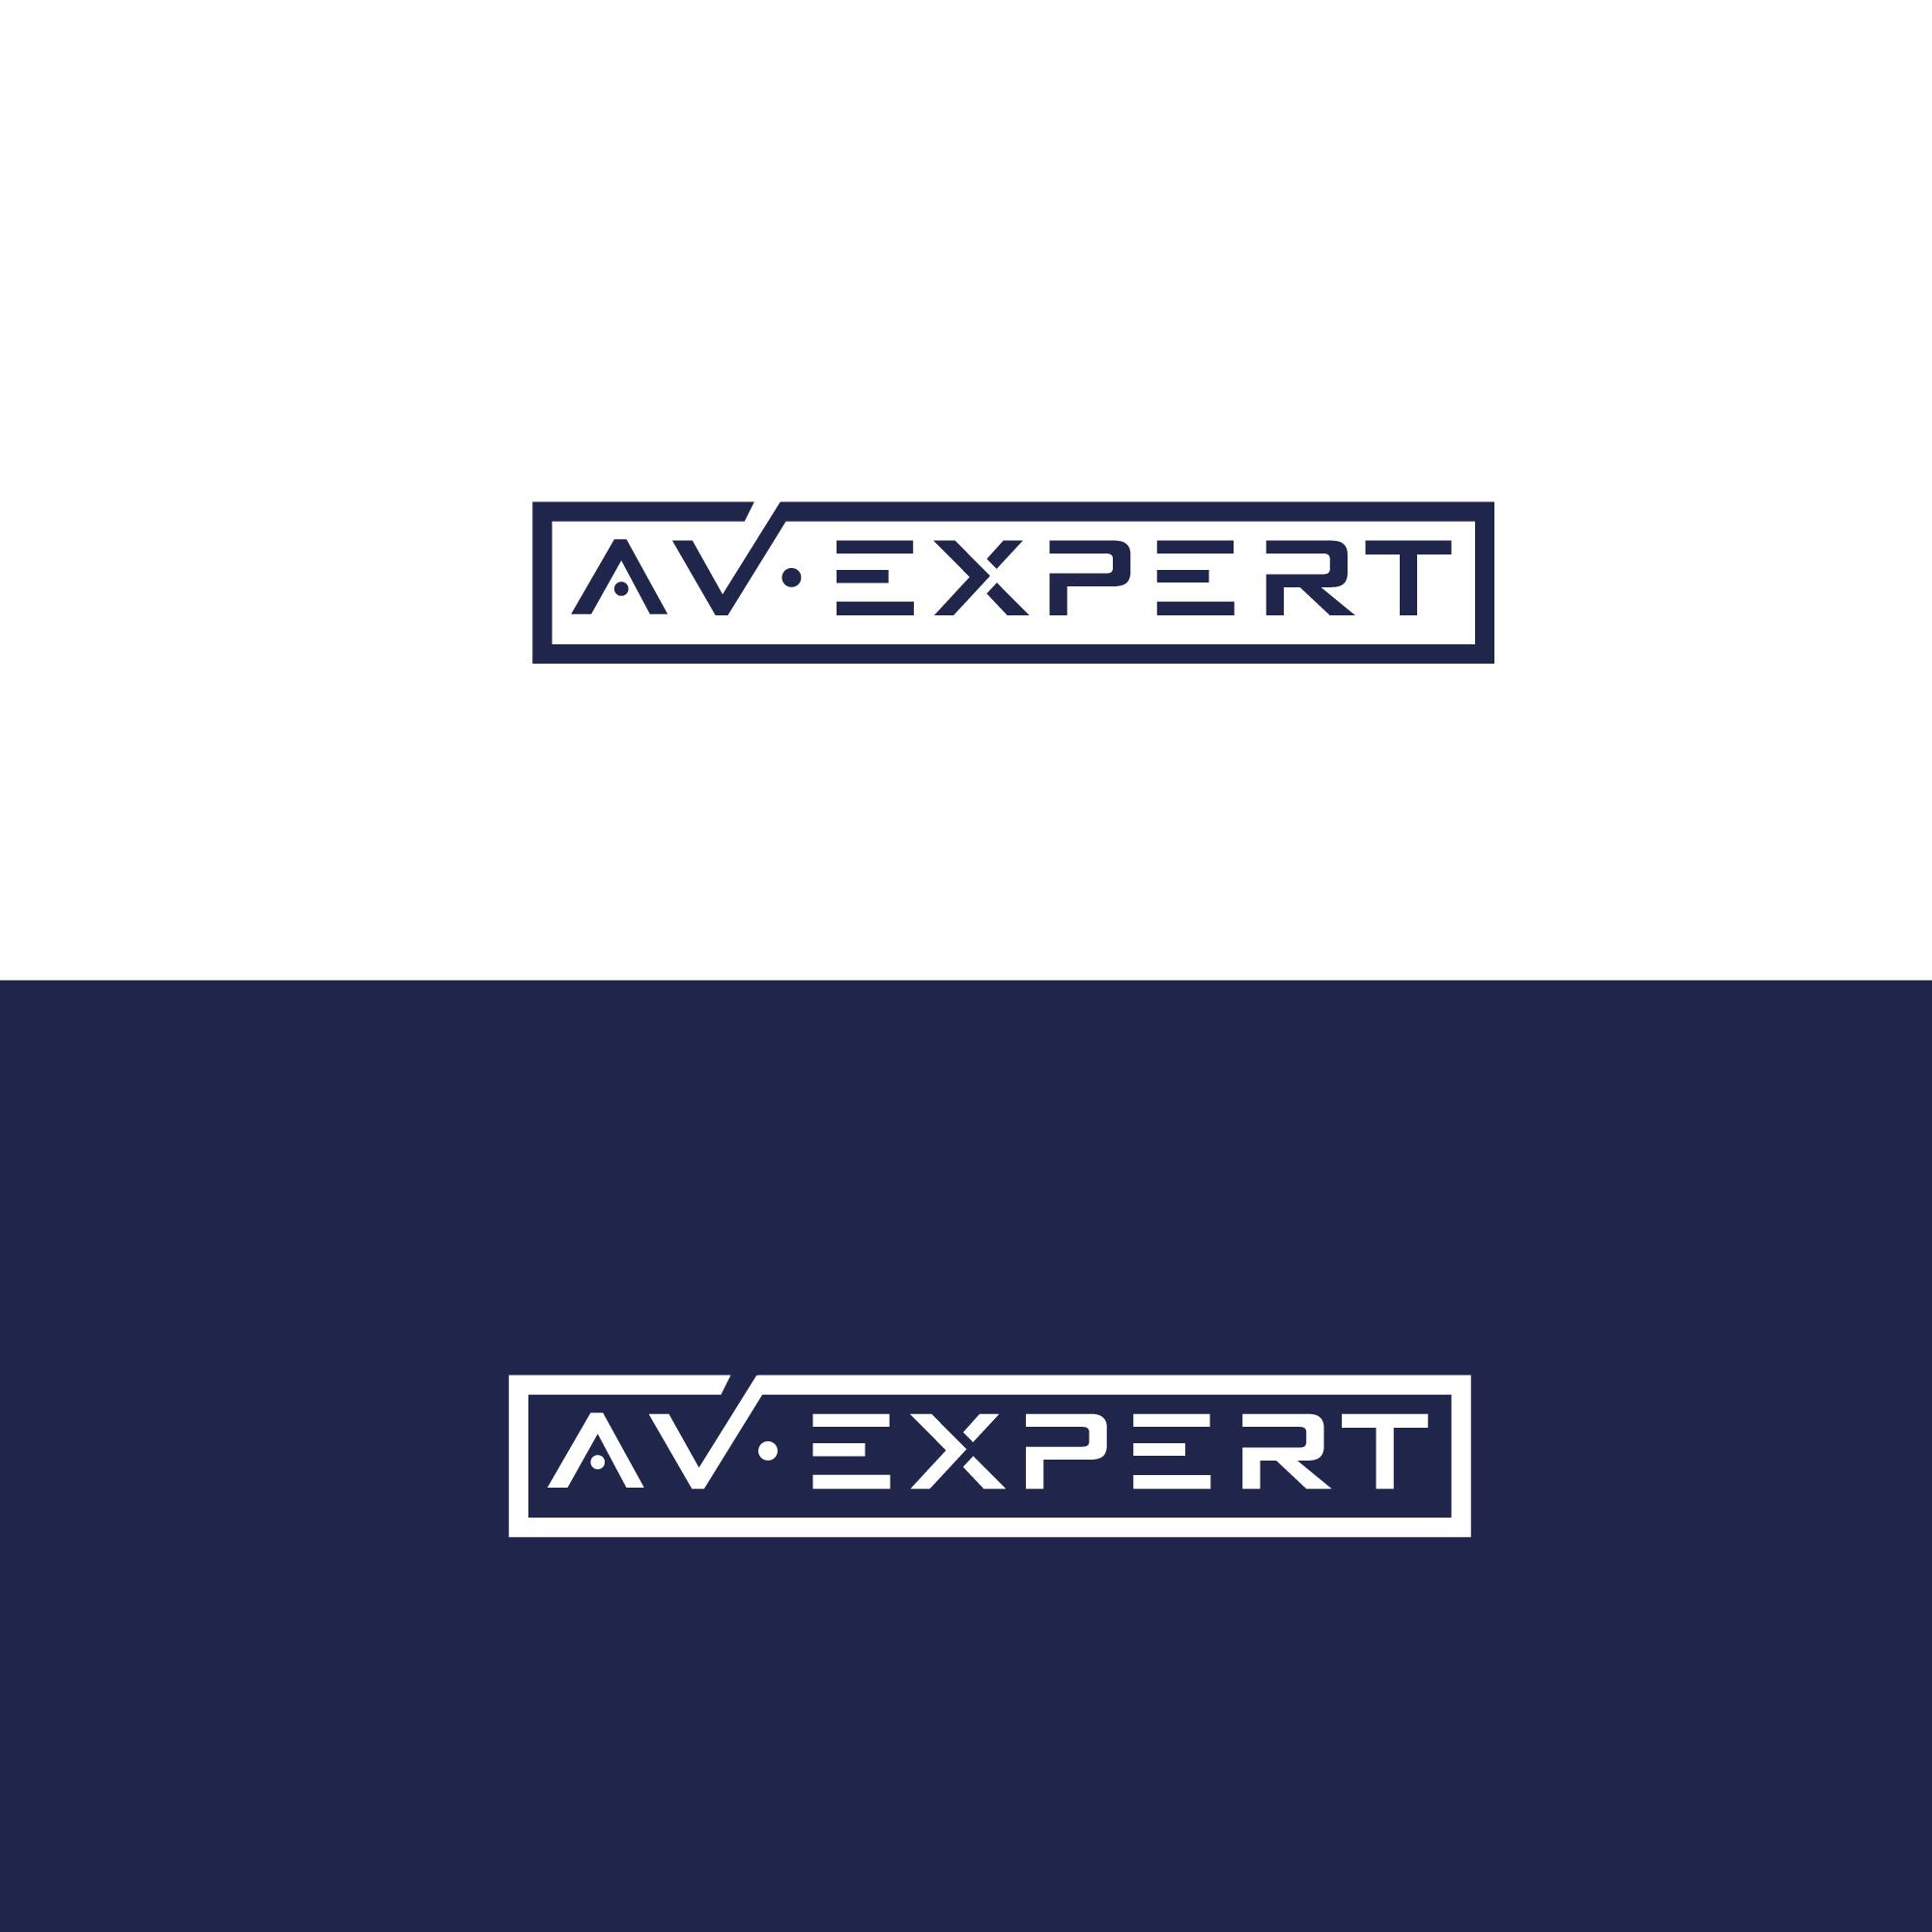 Создание логотипа, фирстиля фото f_2965c62a587a82a4.jpg